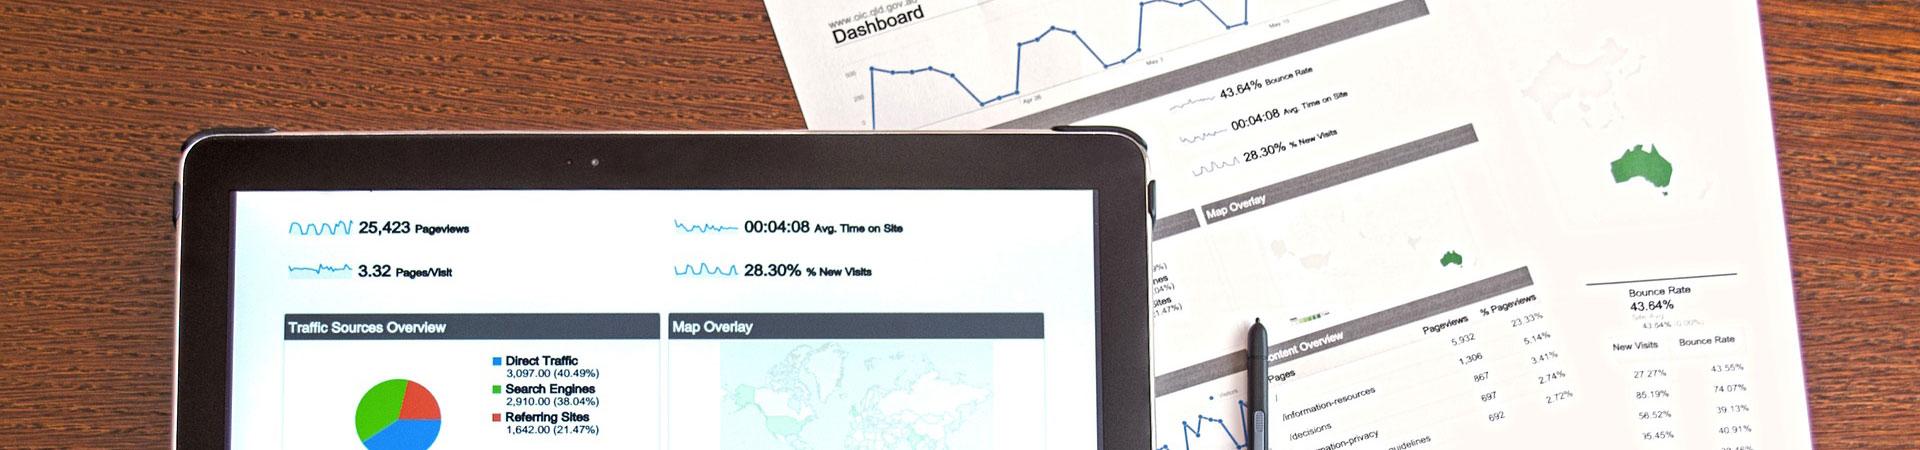 attribution blog